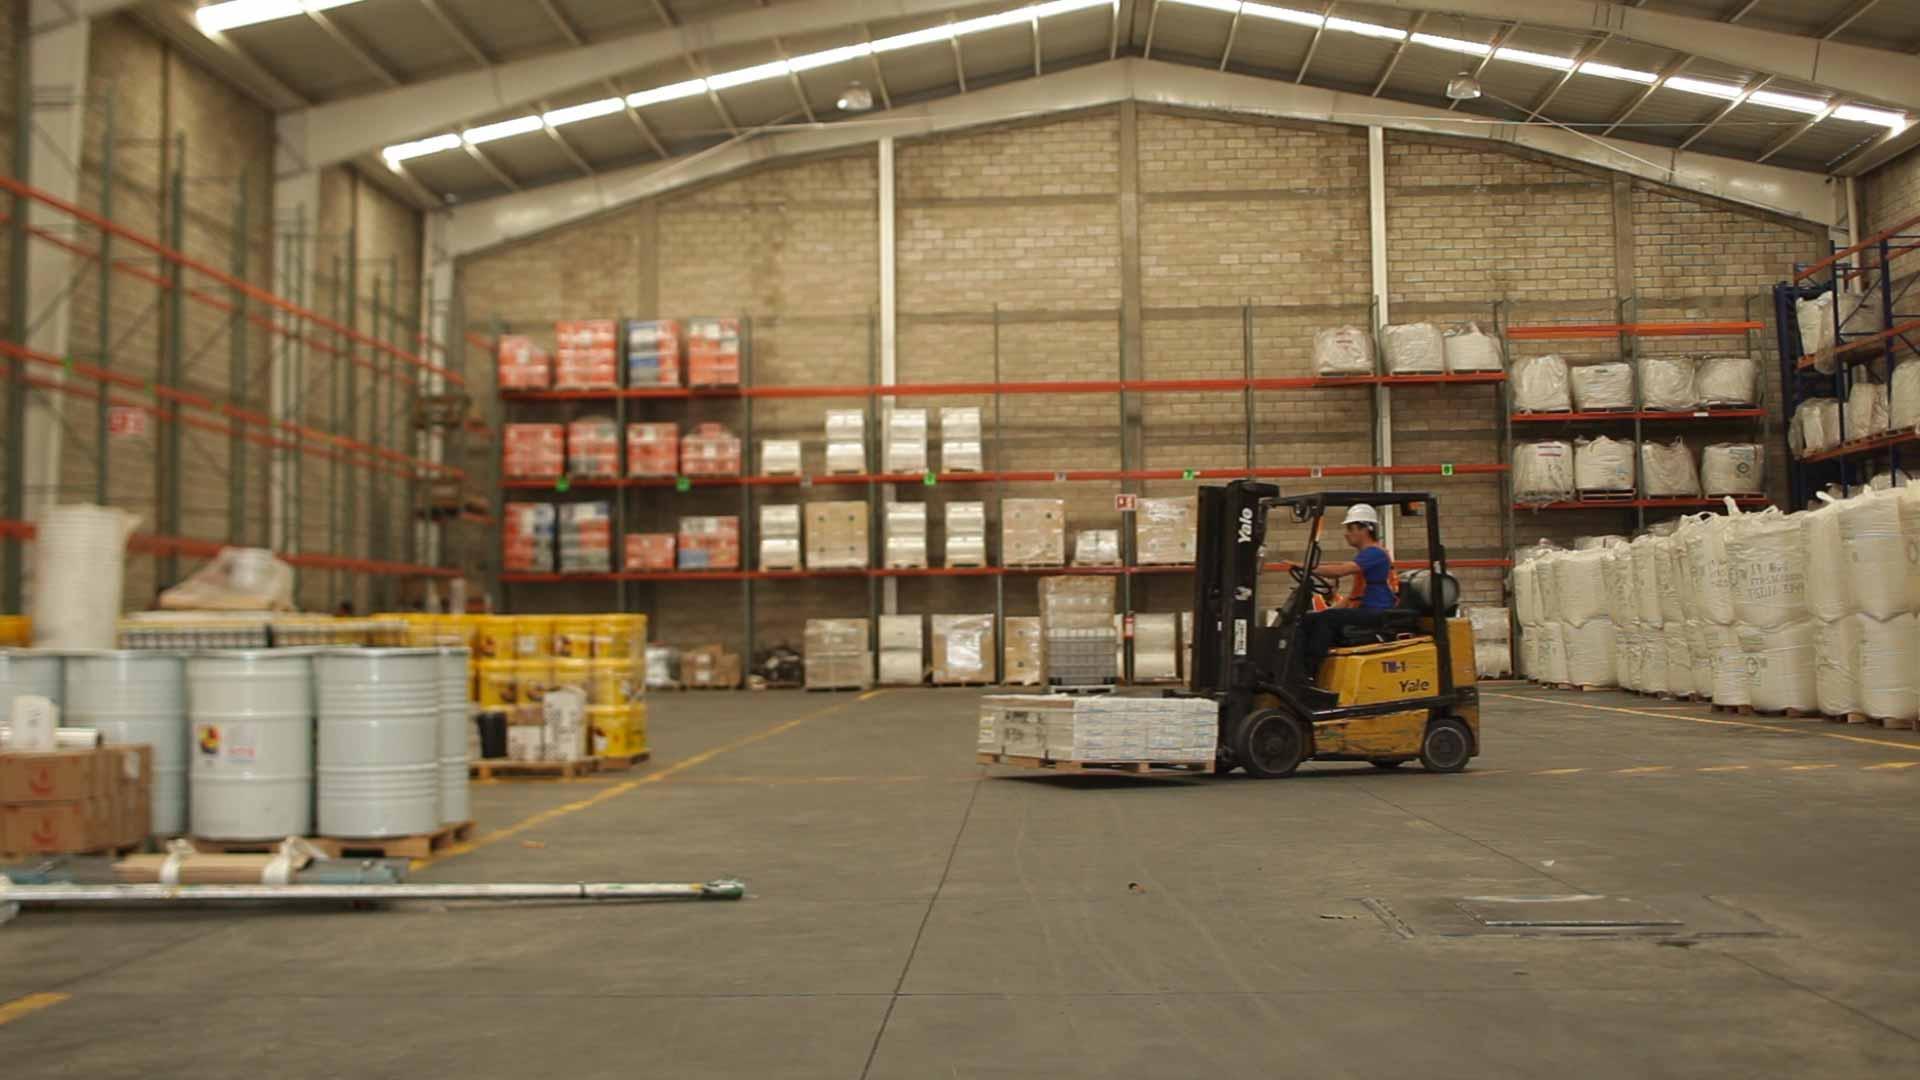 Soluciones de almacenaje gallery of soluciones de almacenaje para baos pequeos with soluciones - Soluciones de almacenaje ...